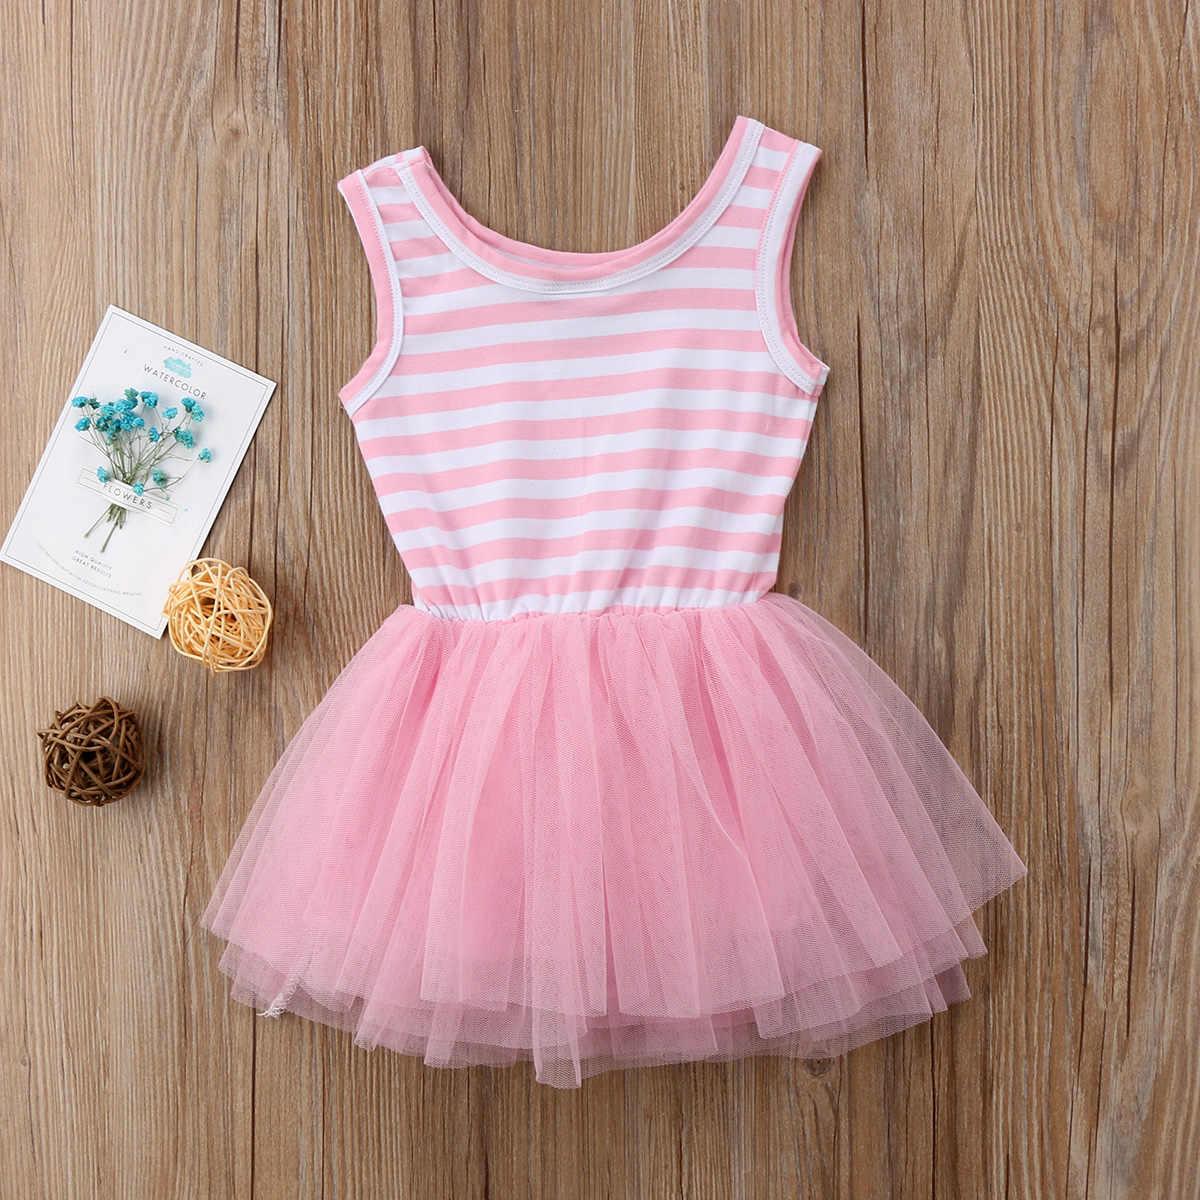 Vestido de verano sin mangas a rayas de malla rosa de tul para fiesta de boda tutú de verano para niña bonita 2018